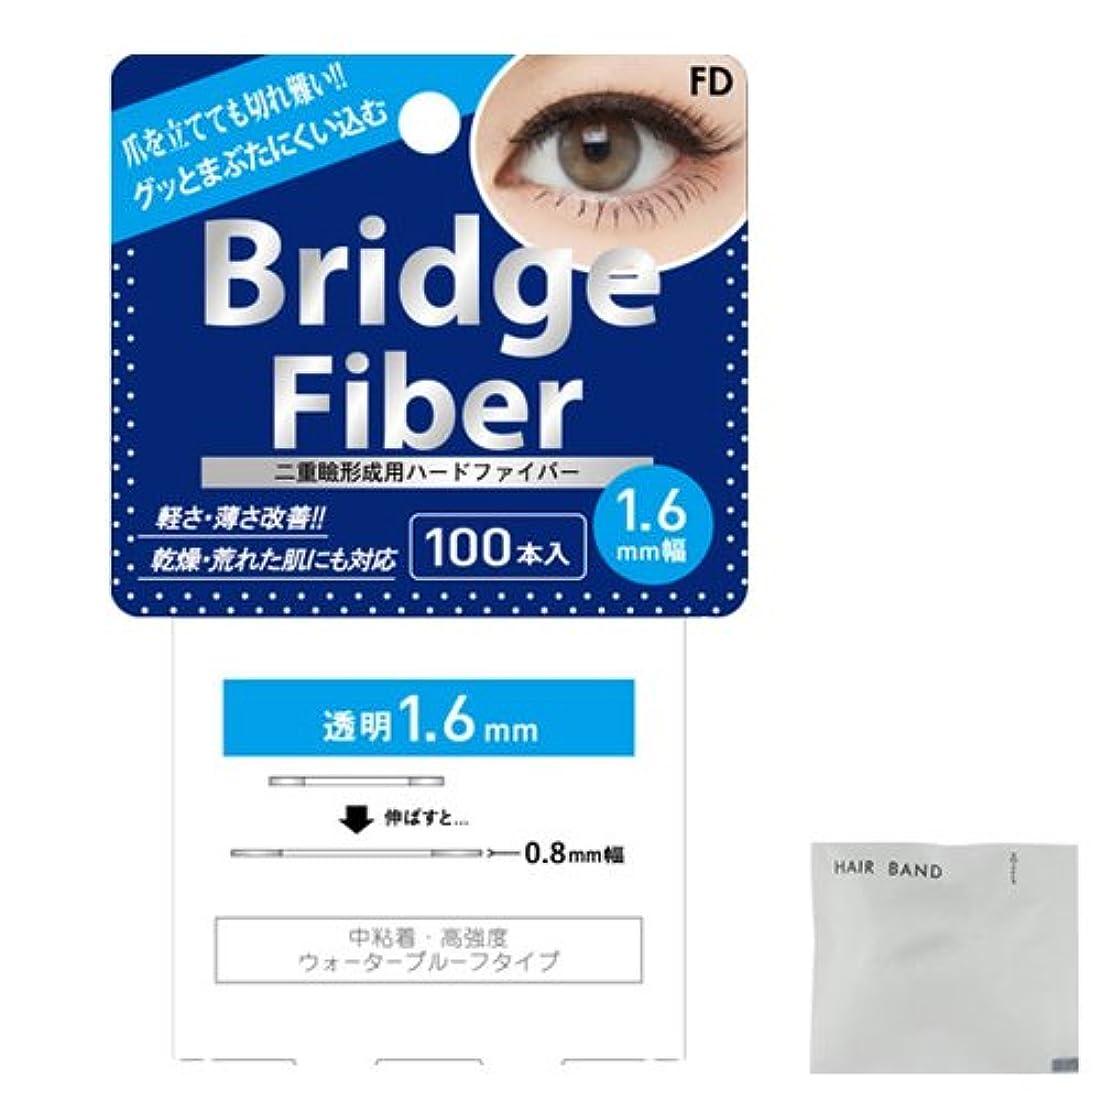 買い手適性アンプFD ブリッジファイバーⅡ (Bridge Fiber) クリア1.6mm + ヘアゴム(カラーはおまかせ)セット